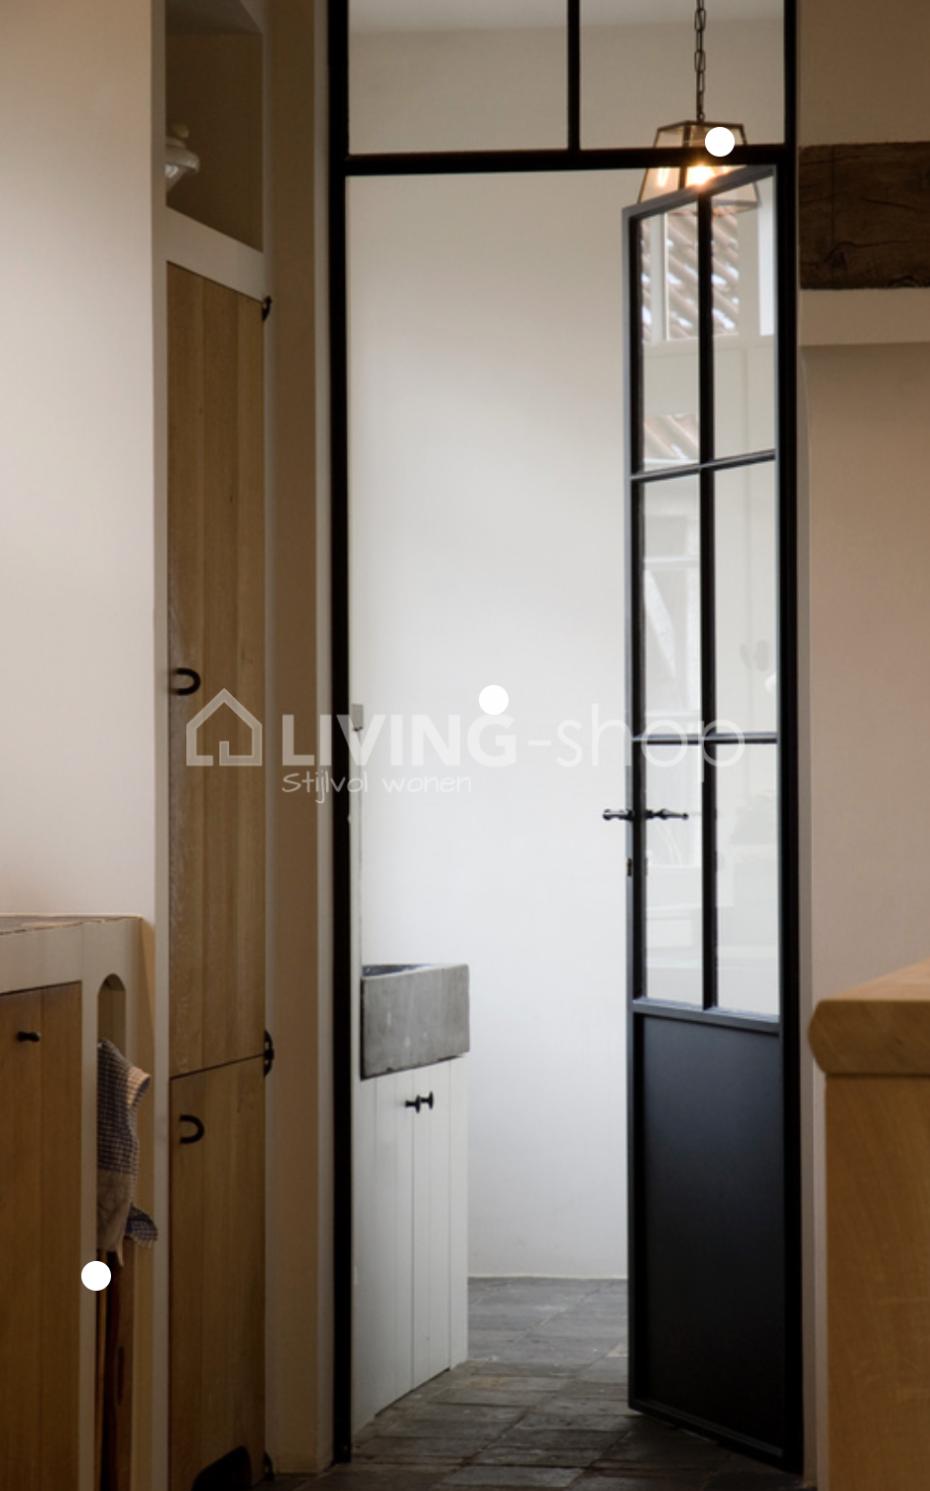 Landlijk-wonen-Quadro-hanglamp-landelijke-stijl-luster-Wonen-Landelijke-Stijl-webshop